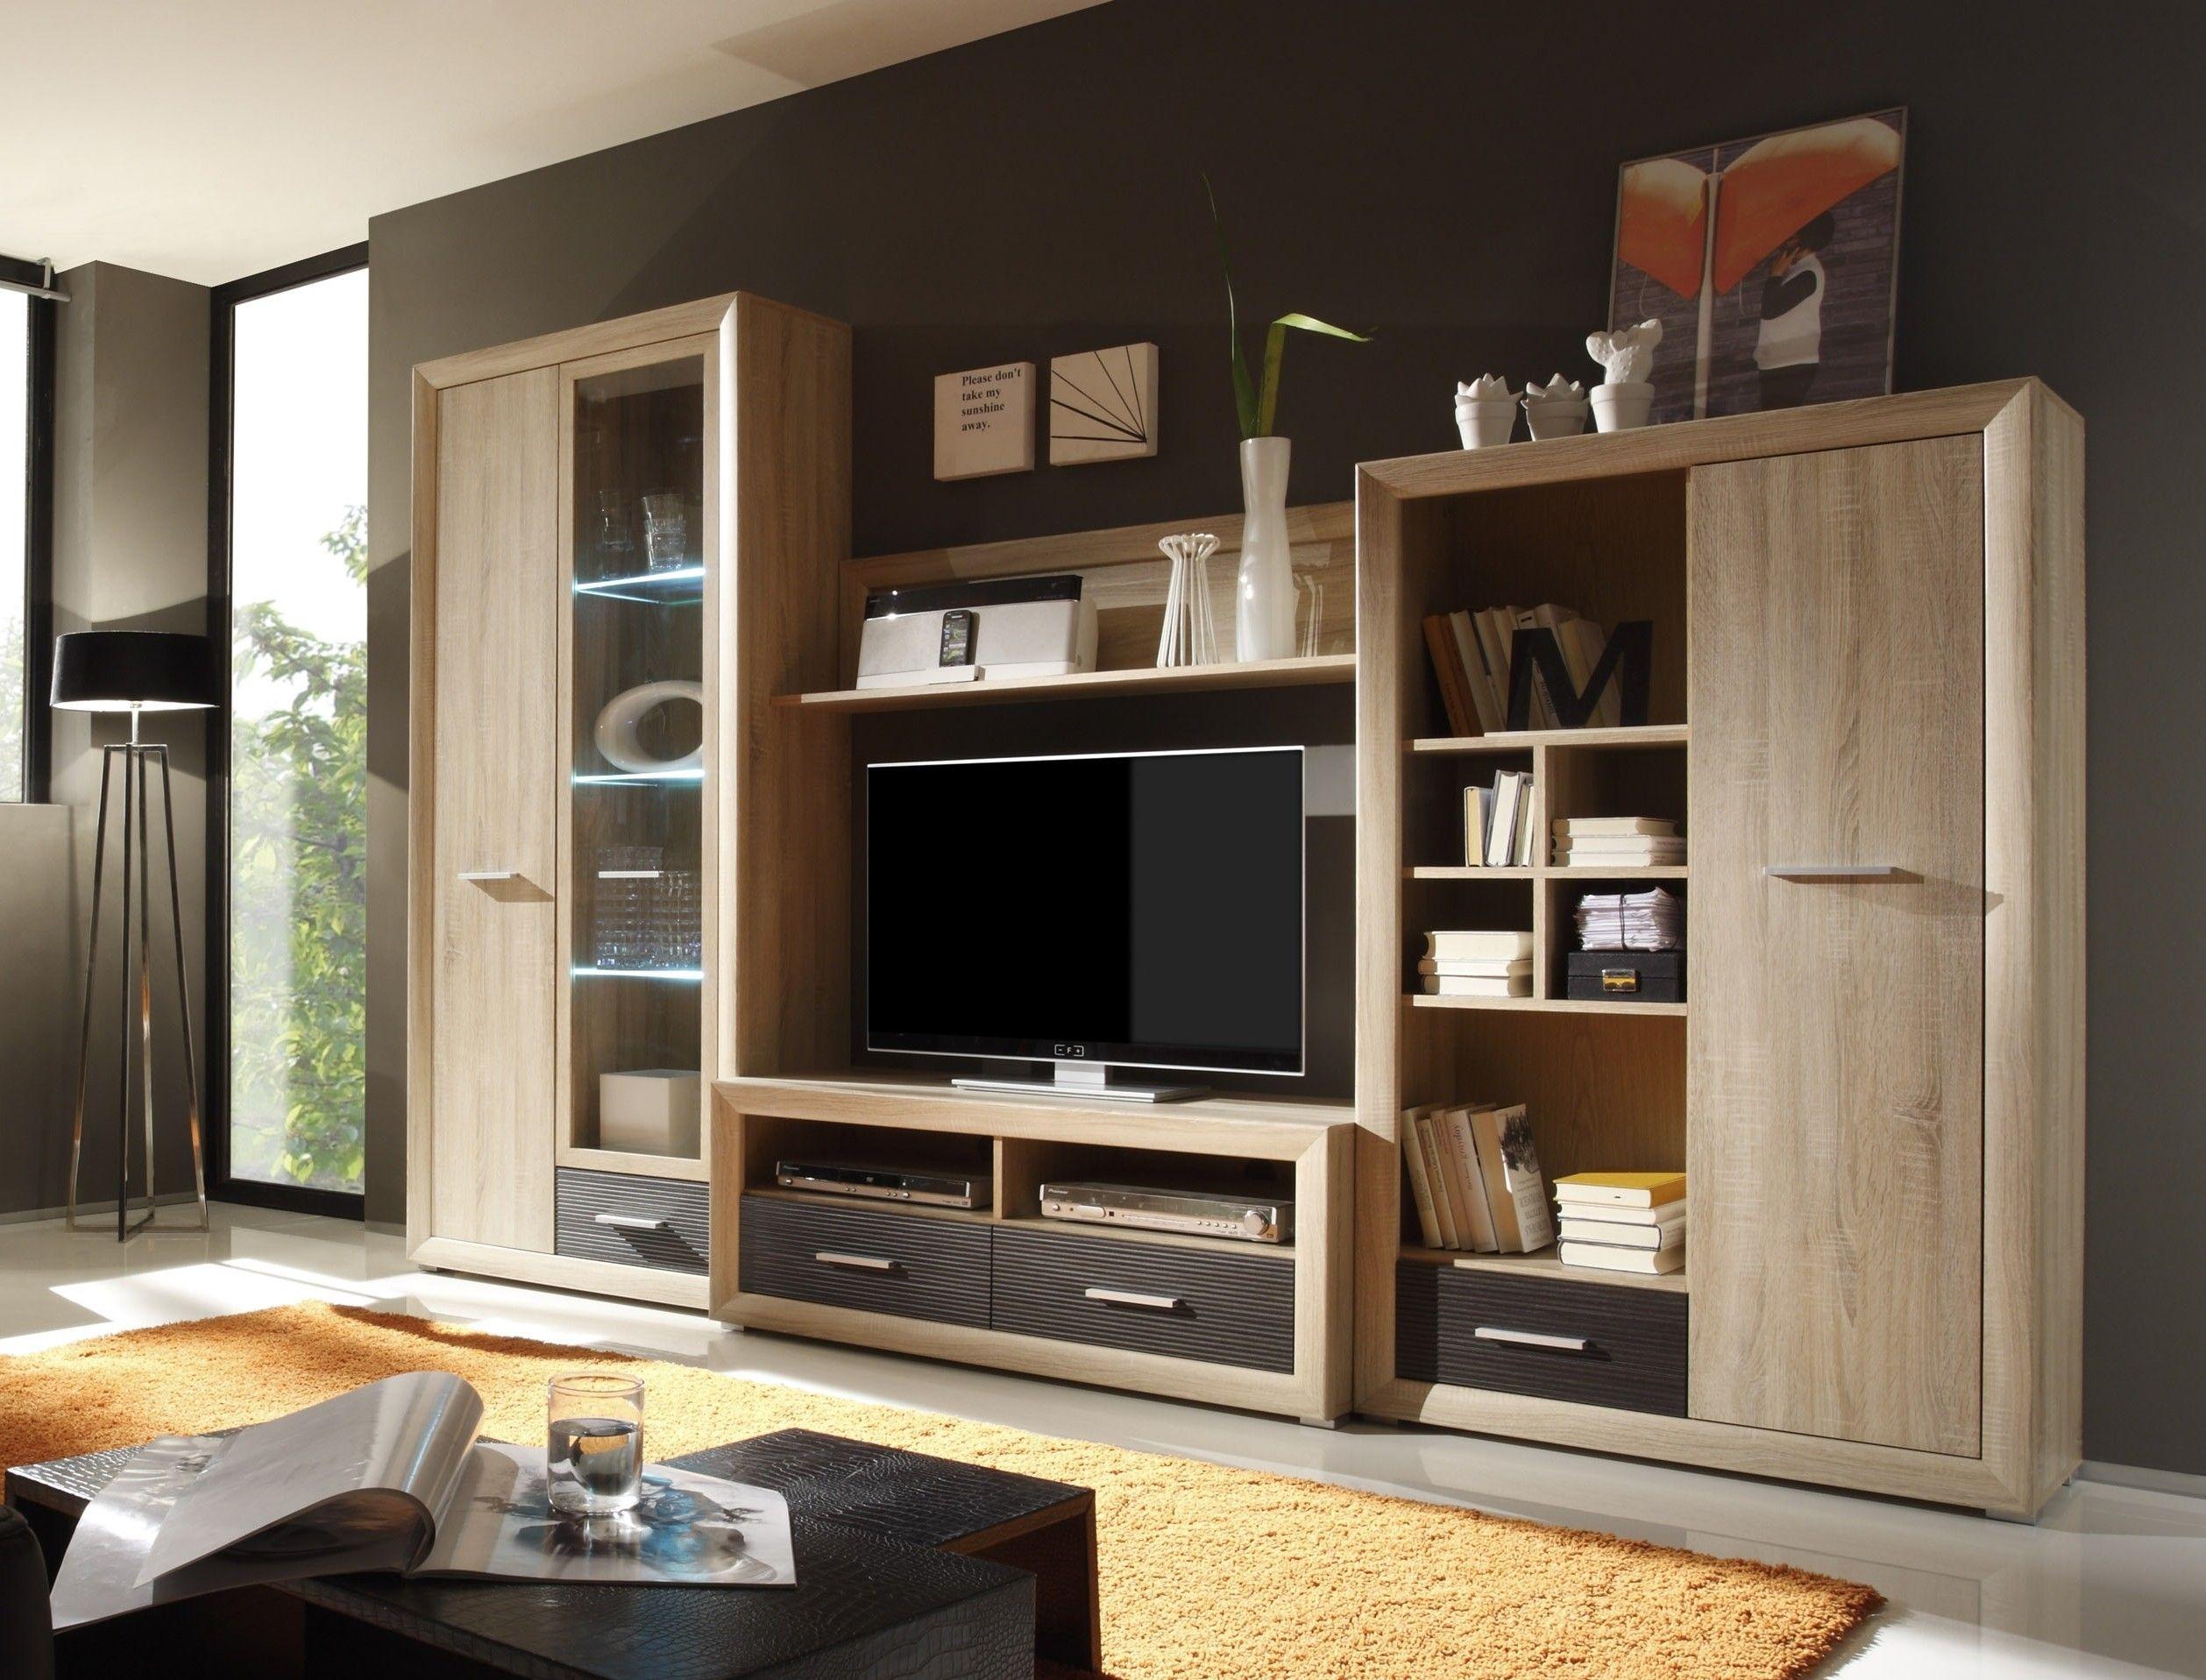 Wohnwand Sonoma Eiche Pinie Dunkel Mit Beleuchtung Woody 61 00071 Wohnwand Sonoma Eiche Moderne Wohnzimmergestaltung Wohnen